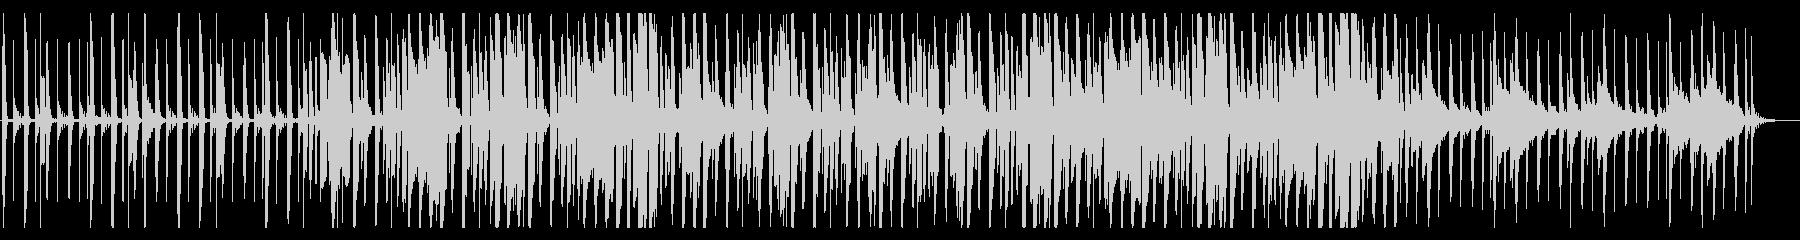 鍵盤ハーモニカが印象的な日常系BGMの未再生の波形